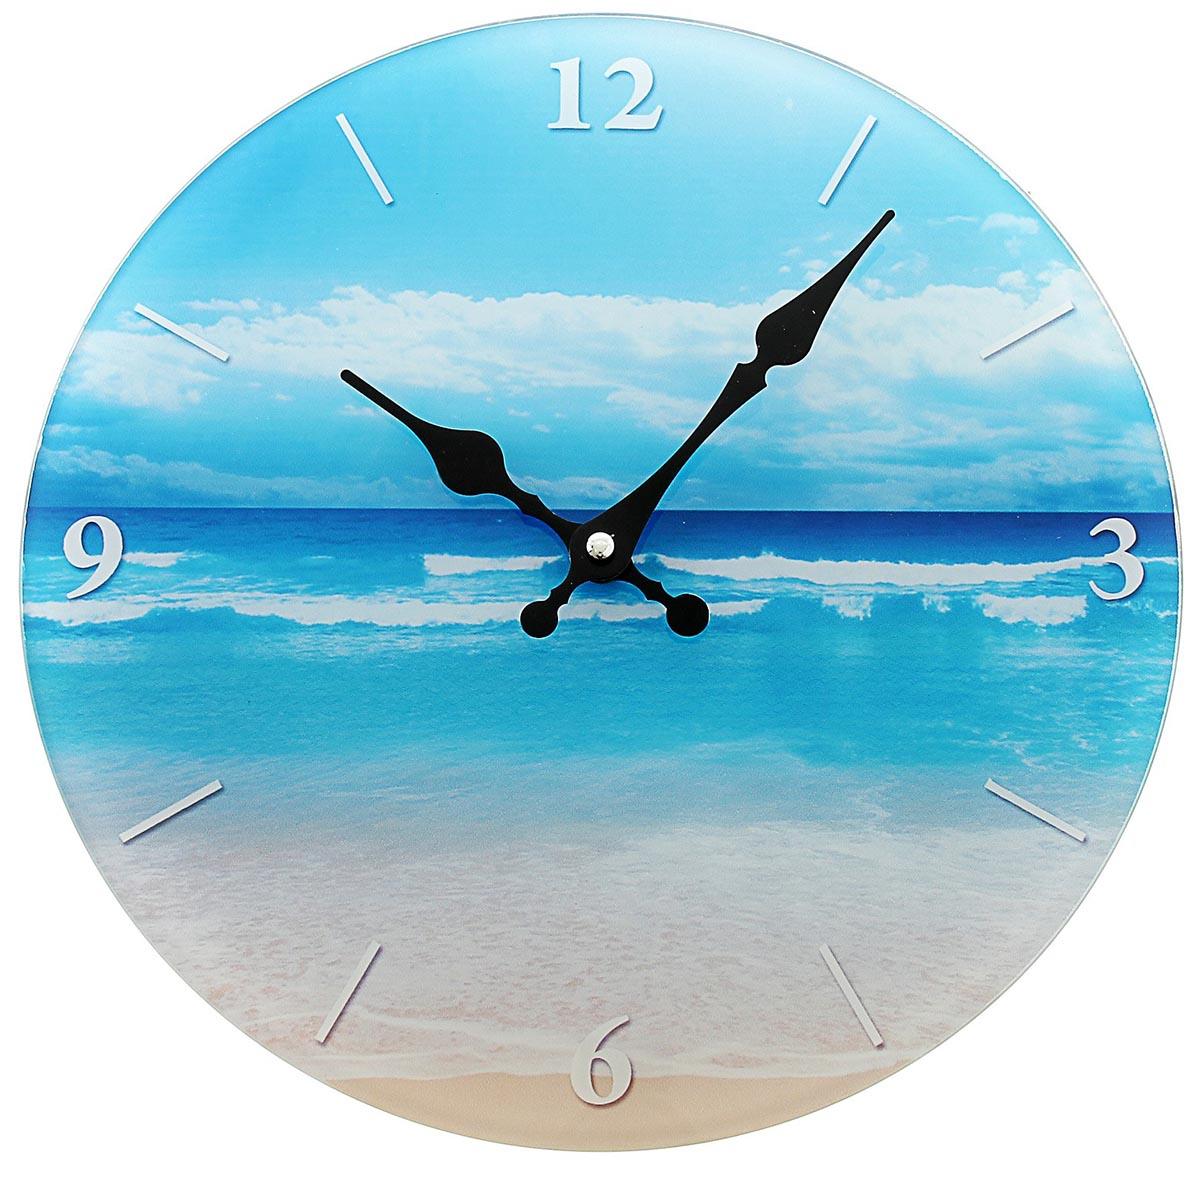 Часы настенные Берег моря, диаметр 30 см хочу продать свою квартиру которая менее 3х лет и другую какие налоги надо заплатить